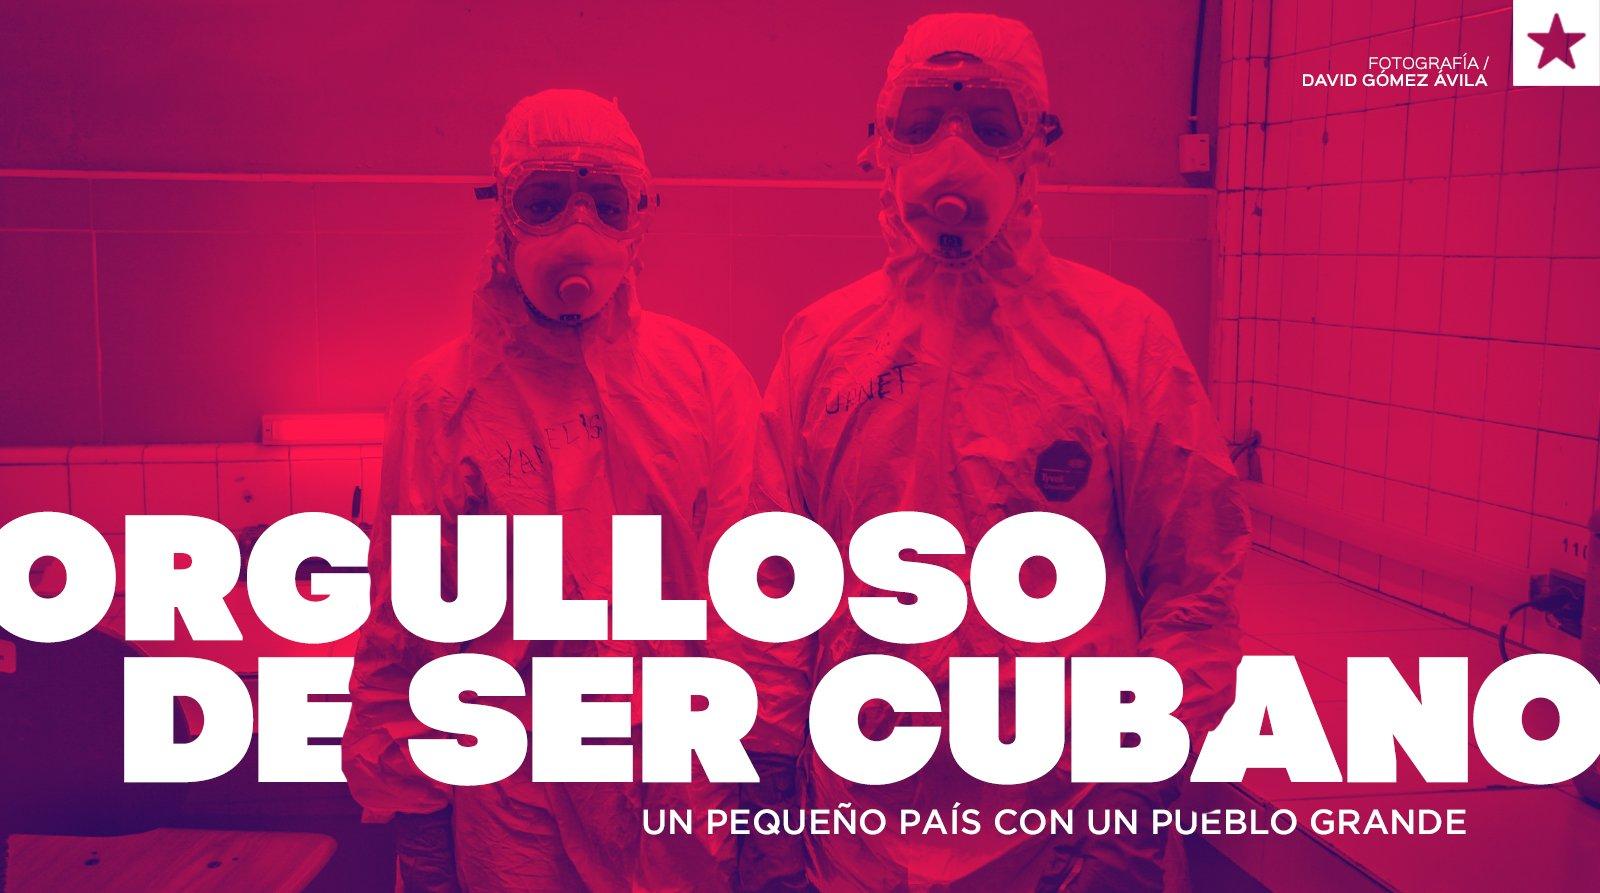 Cuba no lamenta el fallecimiento de ninguno de sus profesionales de la salud, destaca canciller